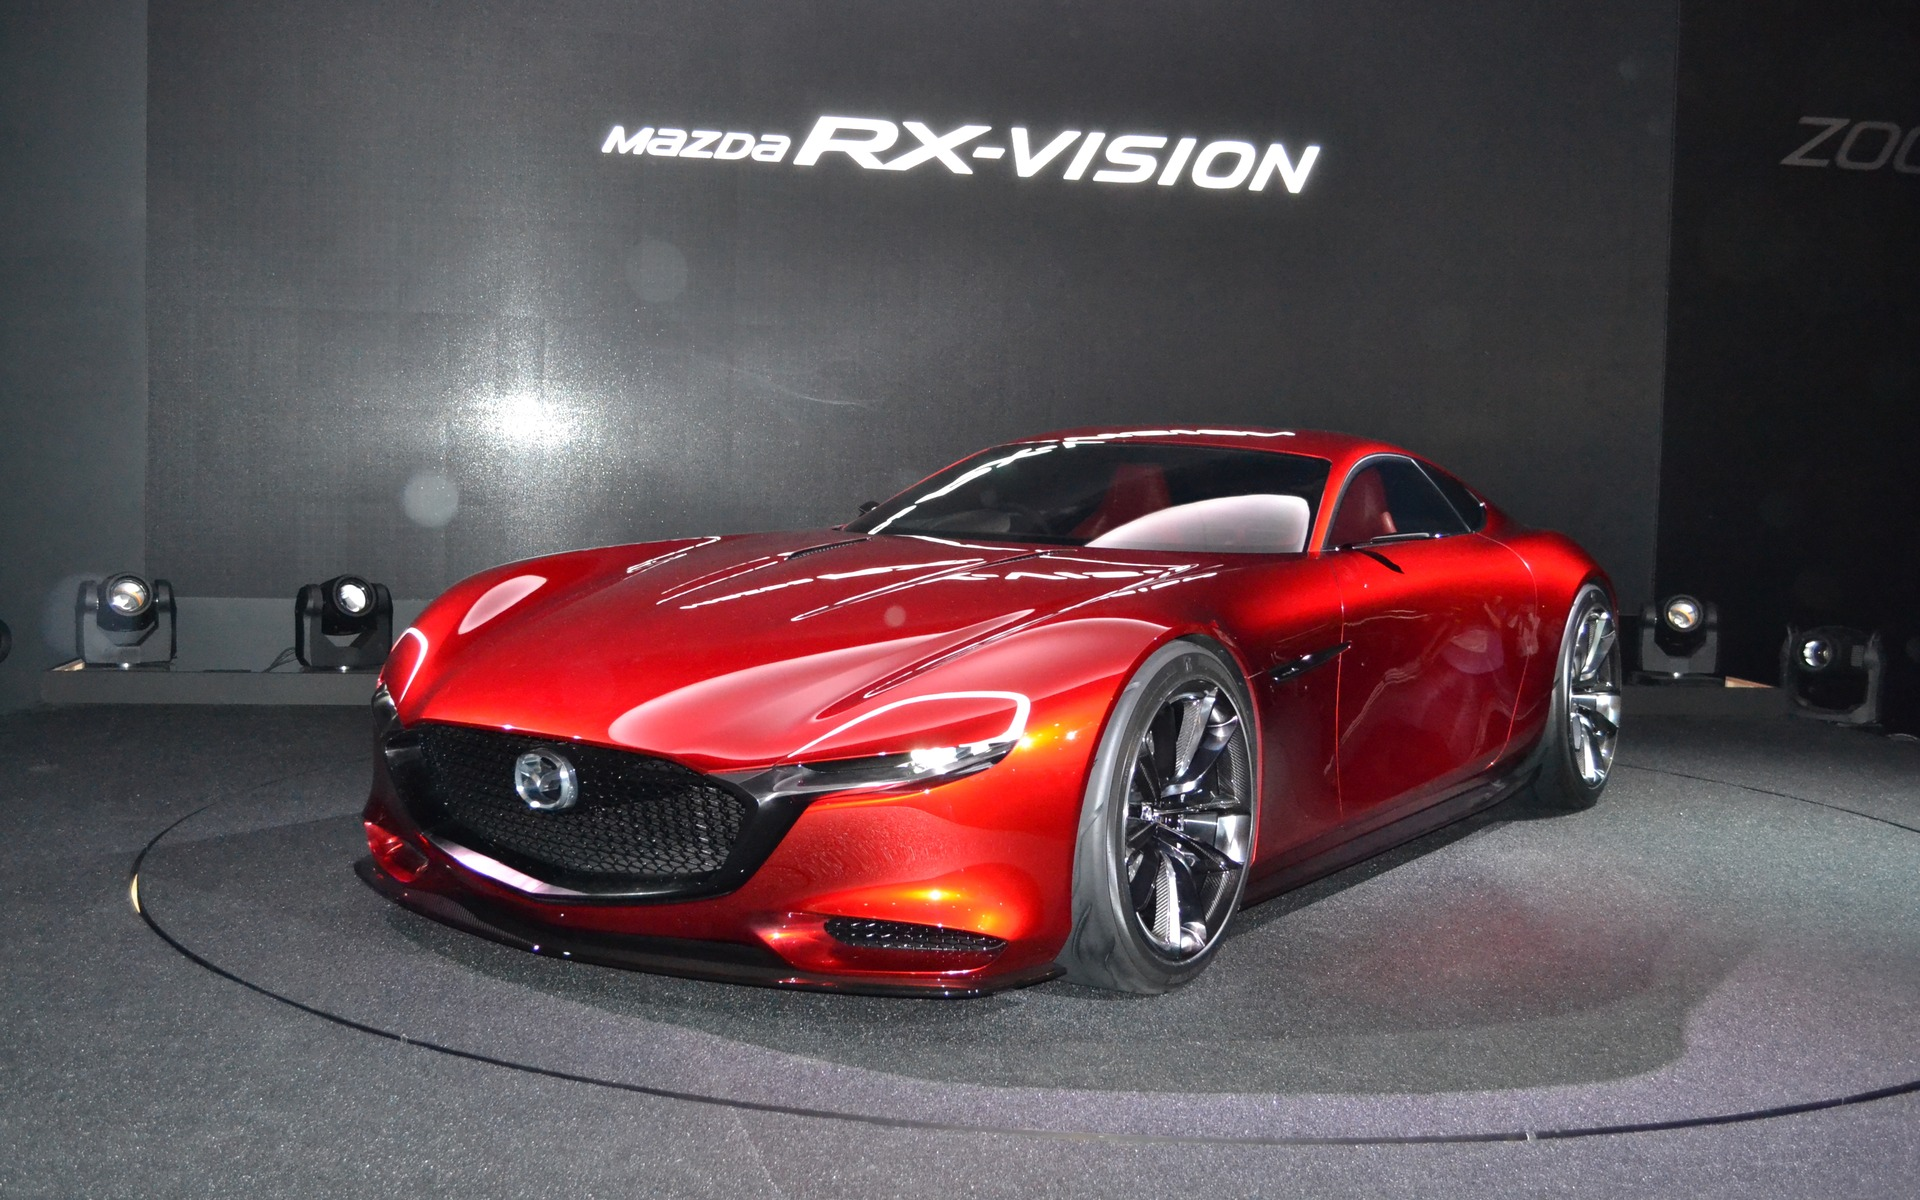 Mazda RX 9 kiá ƒu dáng giá 'ng siªu xe c³ giá bán khoảng 1 8 tá · tại Nhật